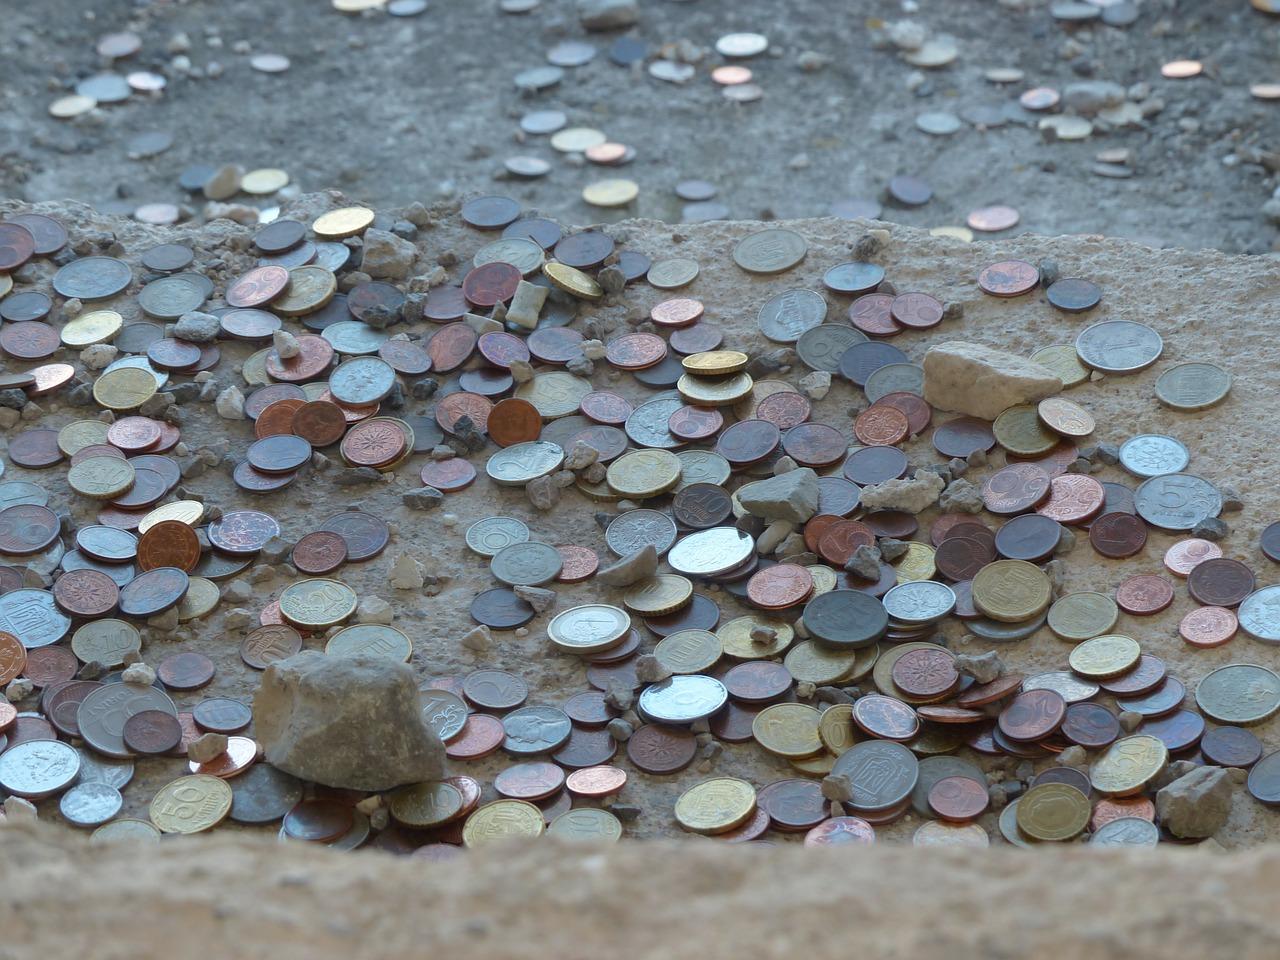 coins-122873_1280